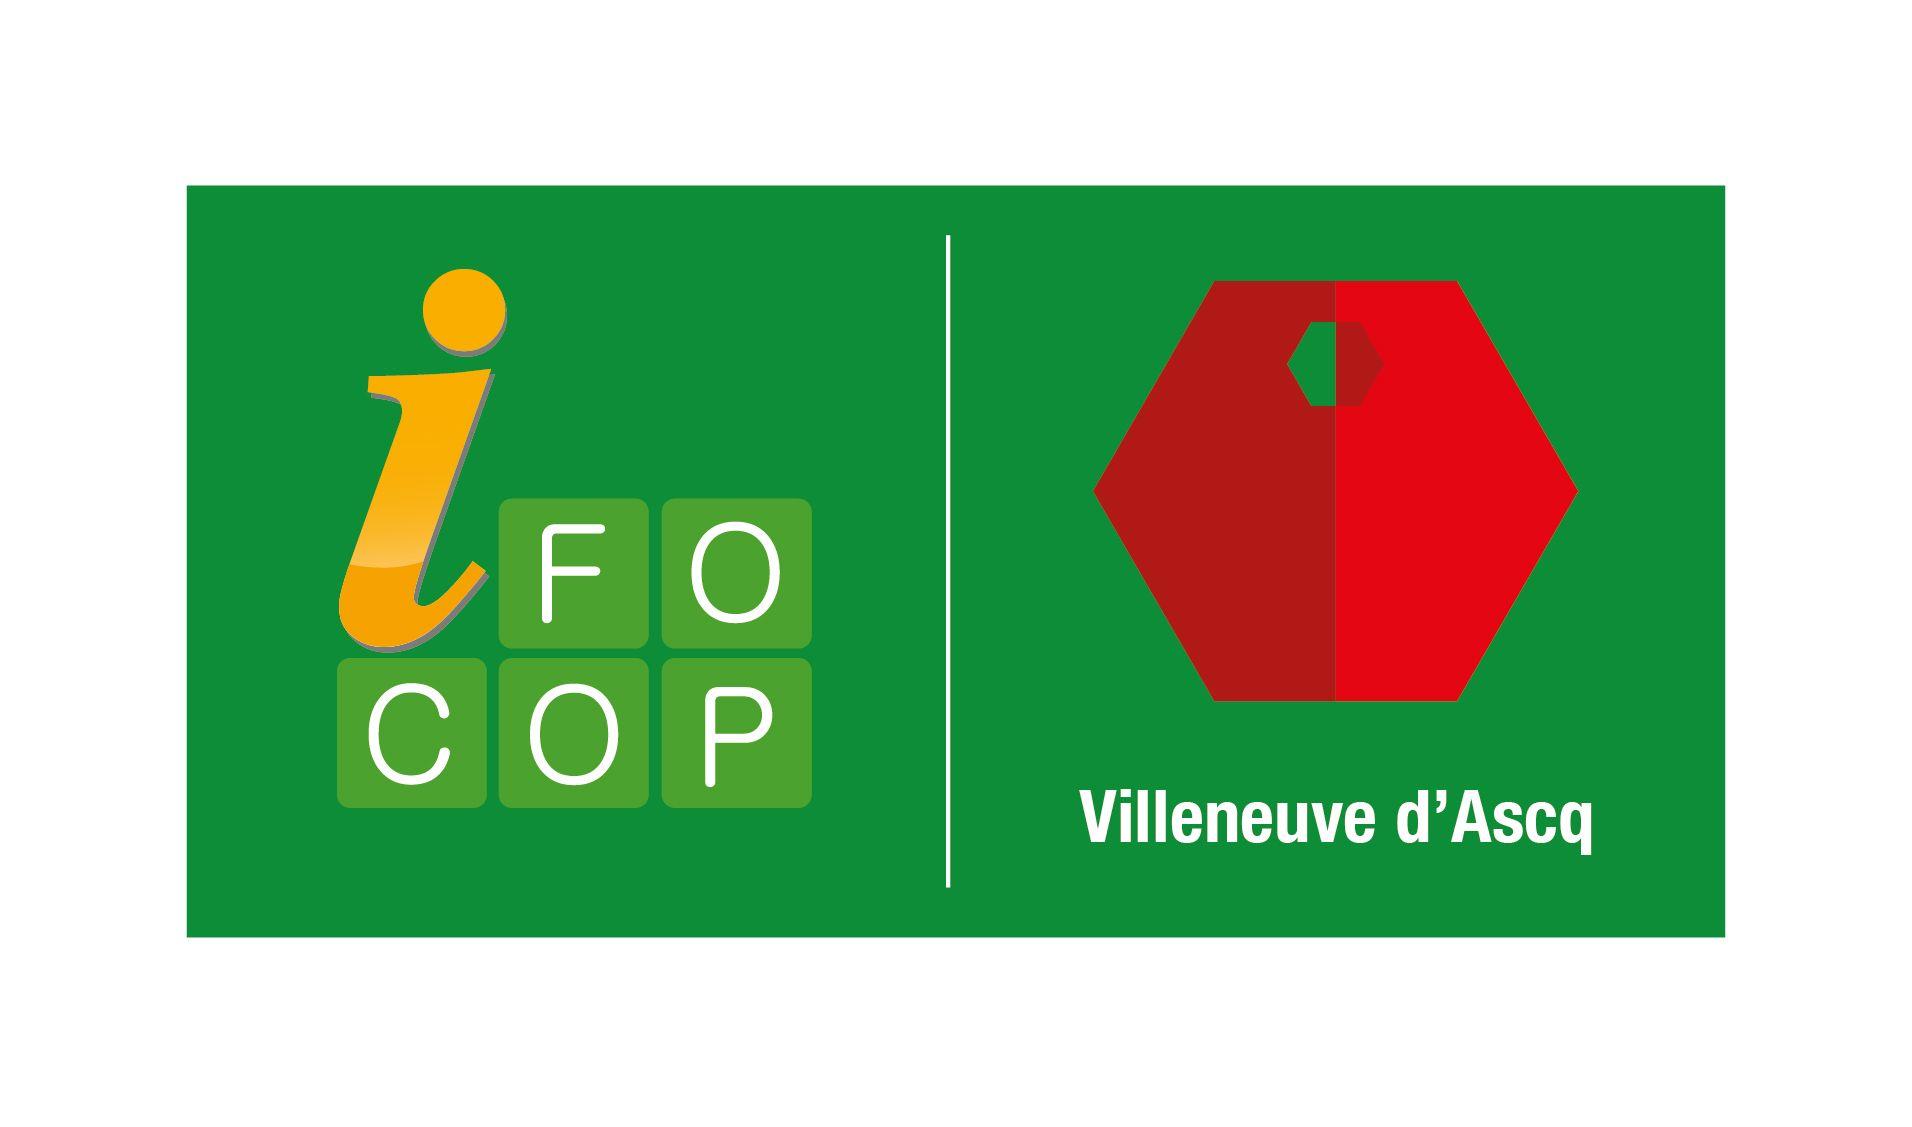 IFOCOP